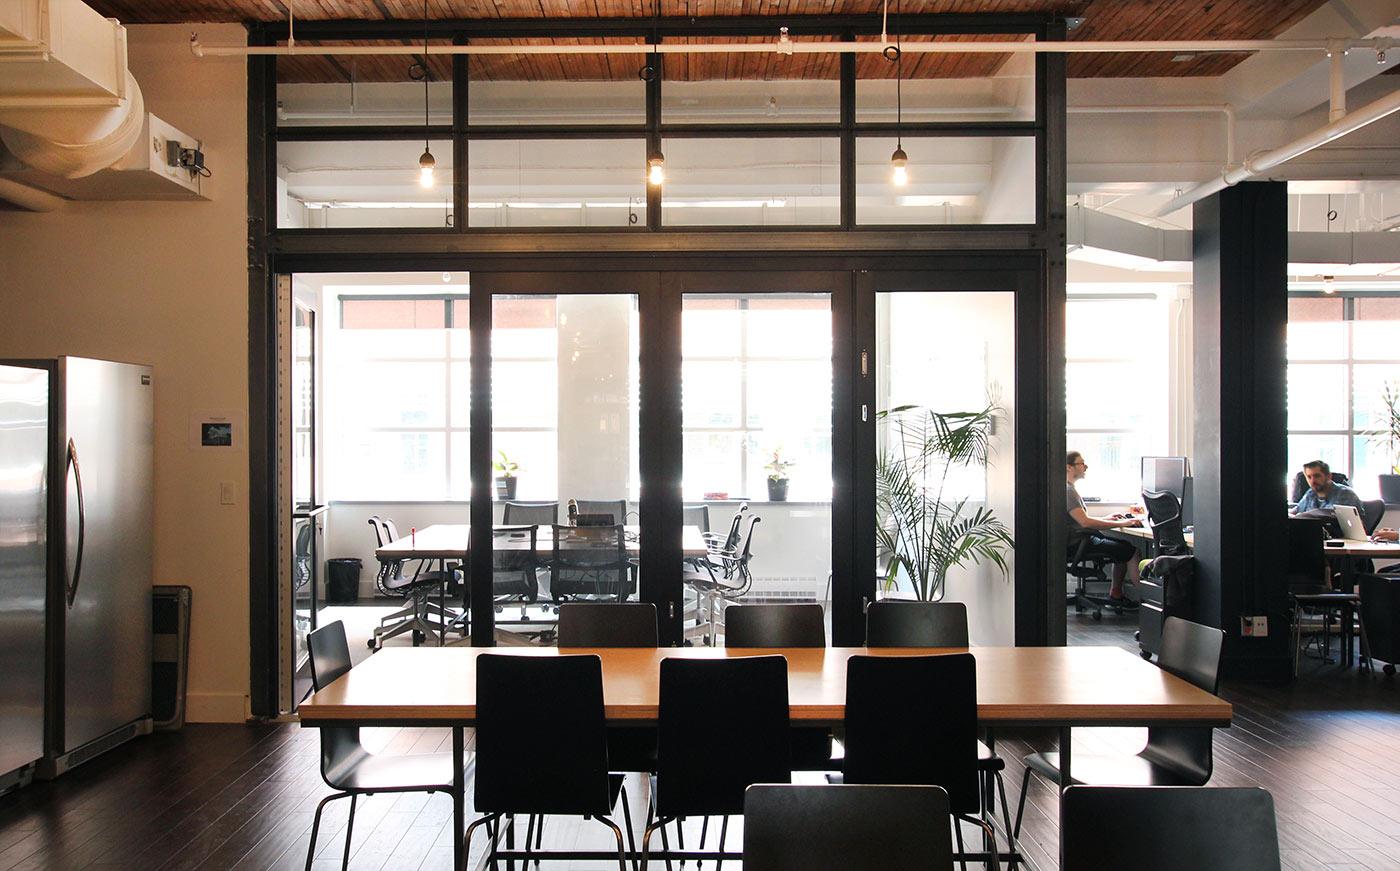 Un (second) aperçu des (grands) bureaux d'Unity 3D Montréal. Photo: Unity 3D Montréal